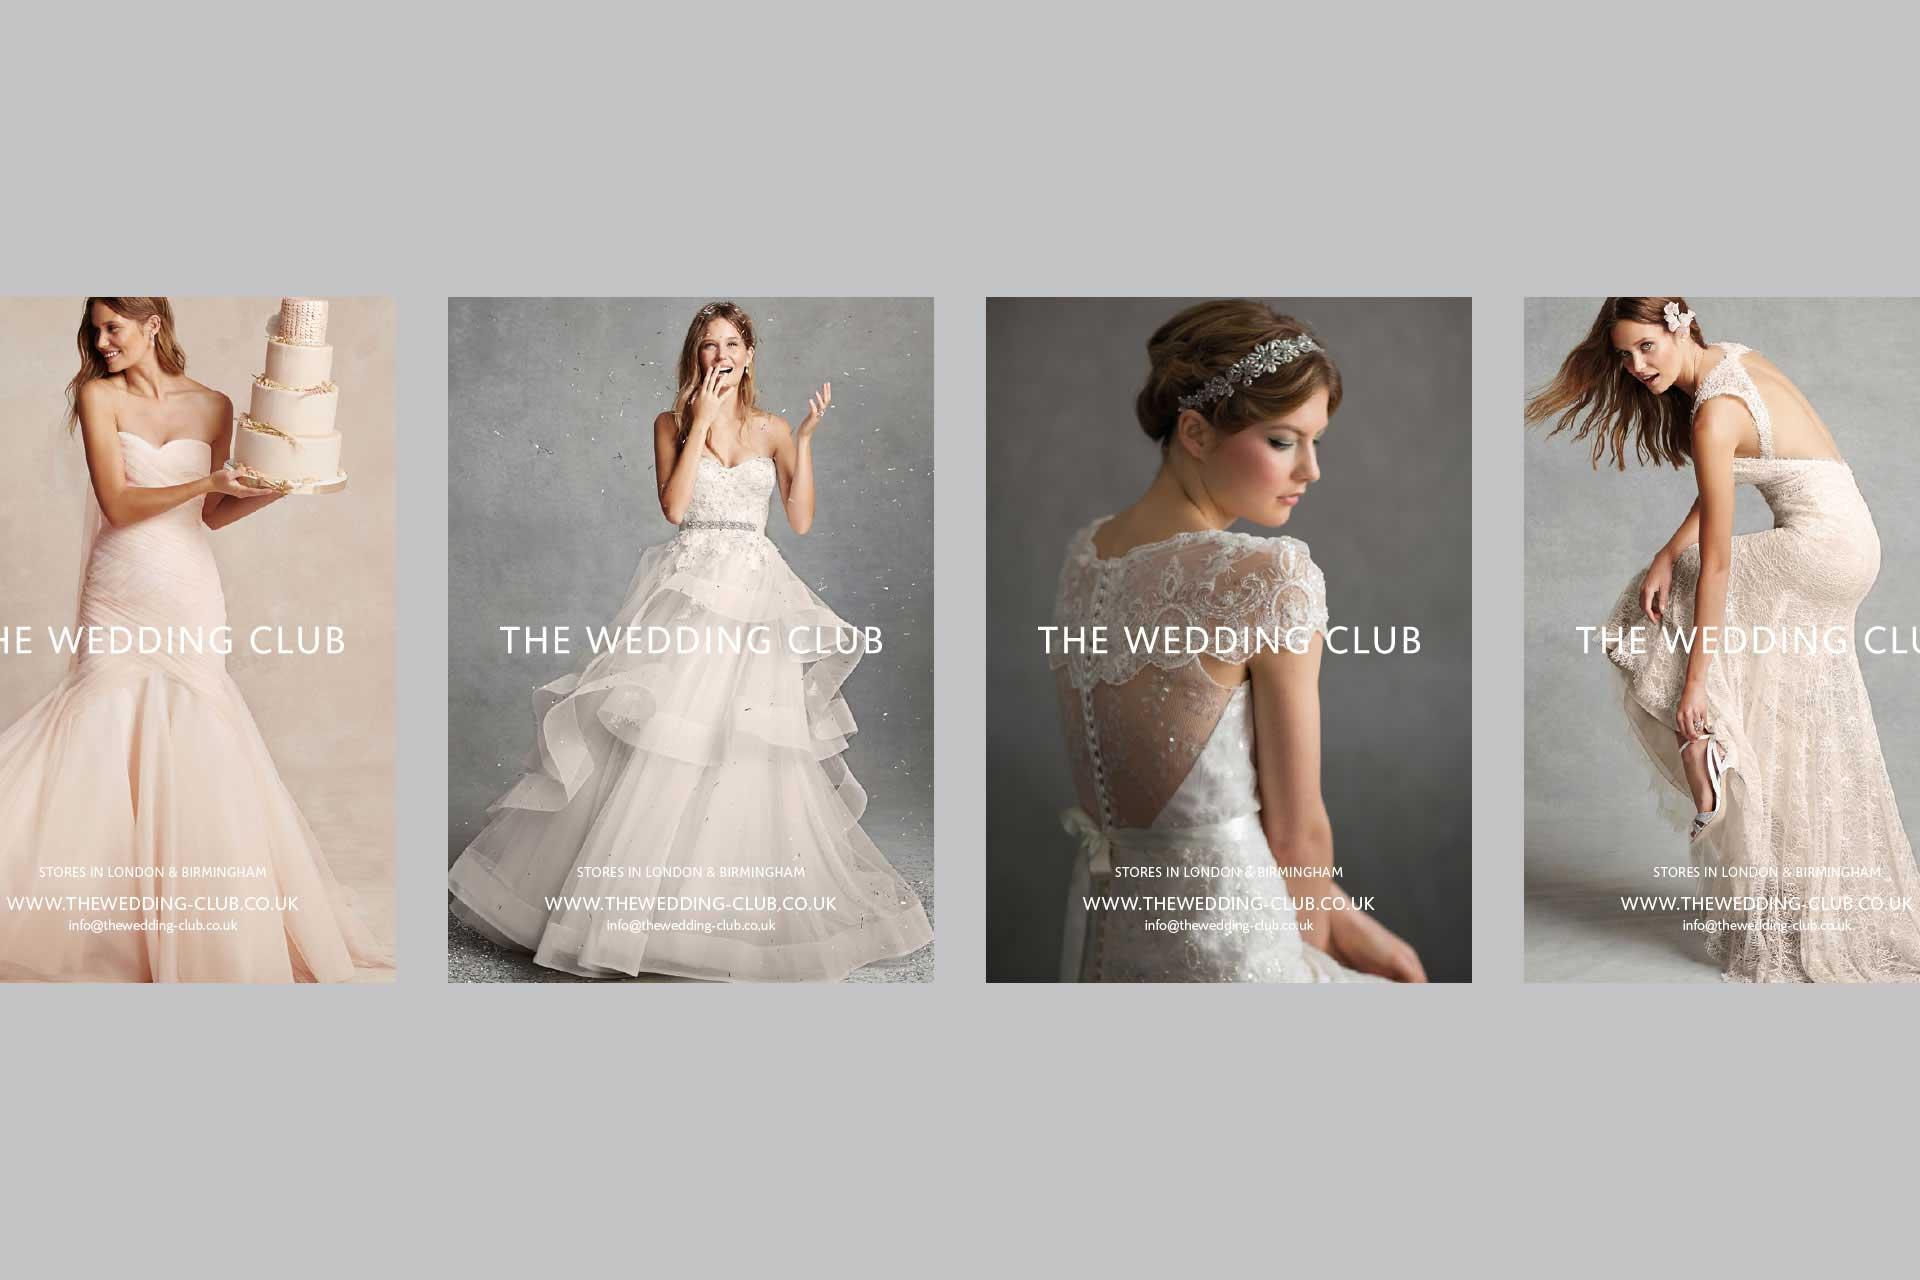 The Wedding Club Flyers